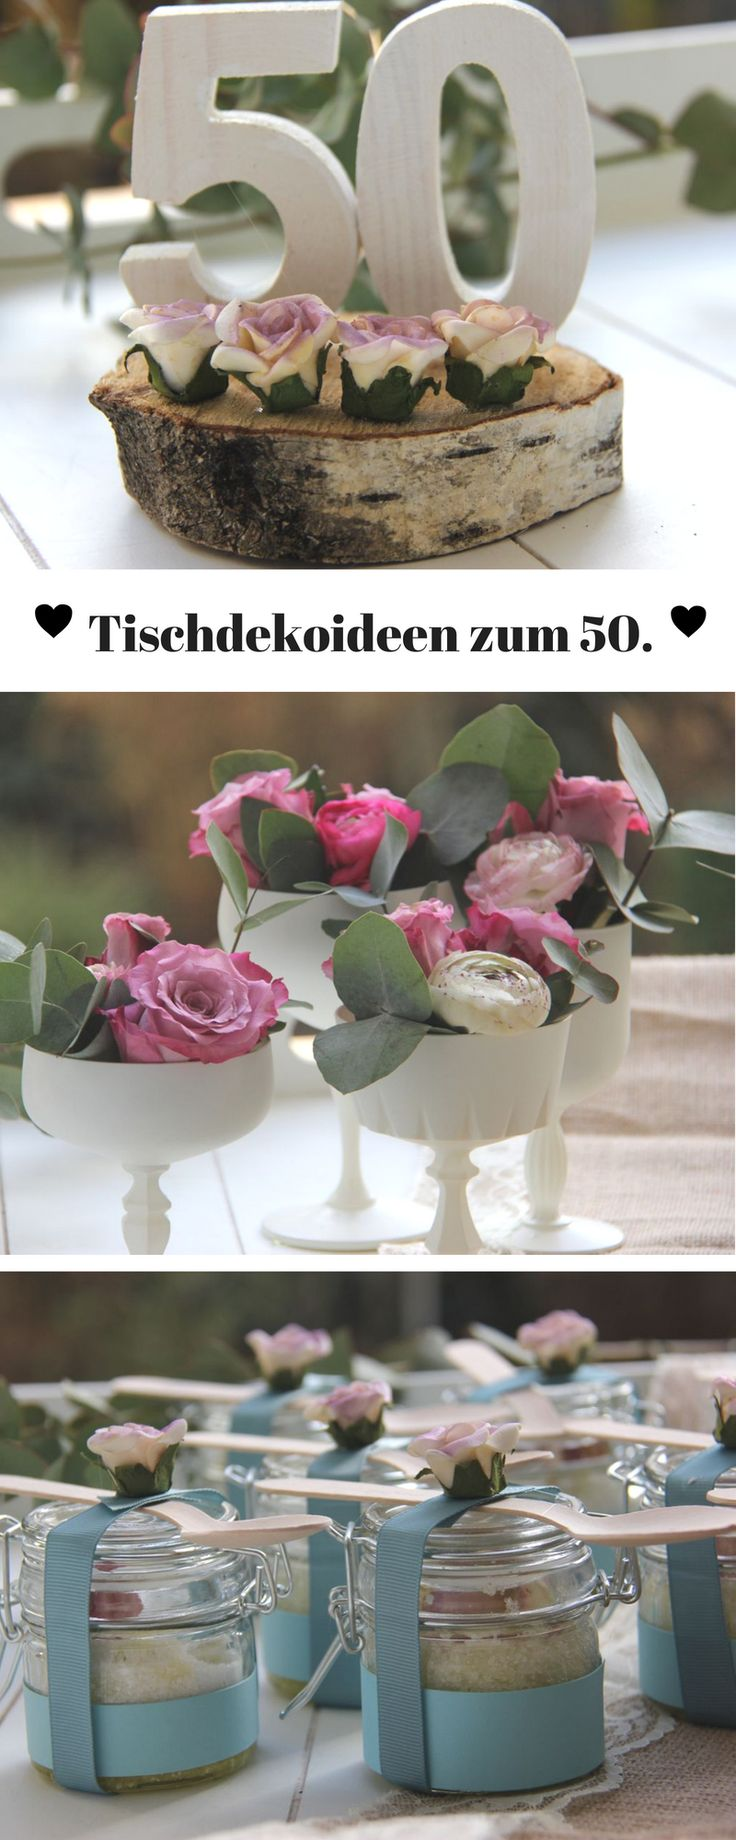 Vintage Tischdekoration zum 50 Geburtstag  Tischlein